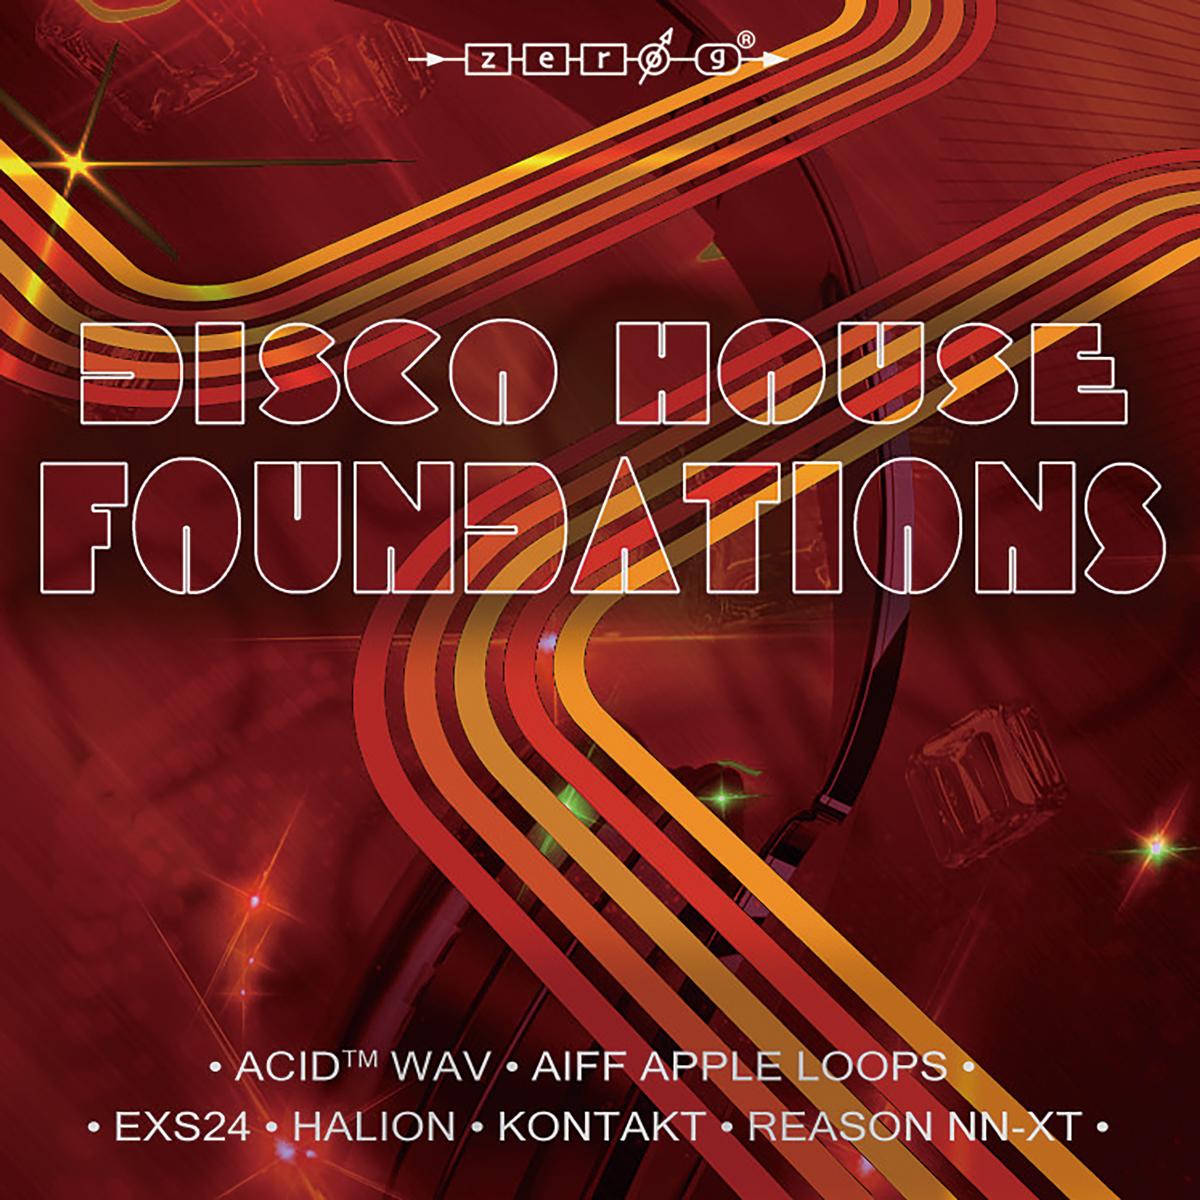 イギリスのメーカーZERO-Gからリリースされた音源ライブラリー『DISCO HOUSE FOUNDATIONS』